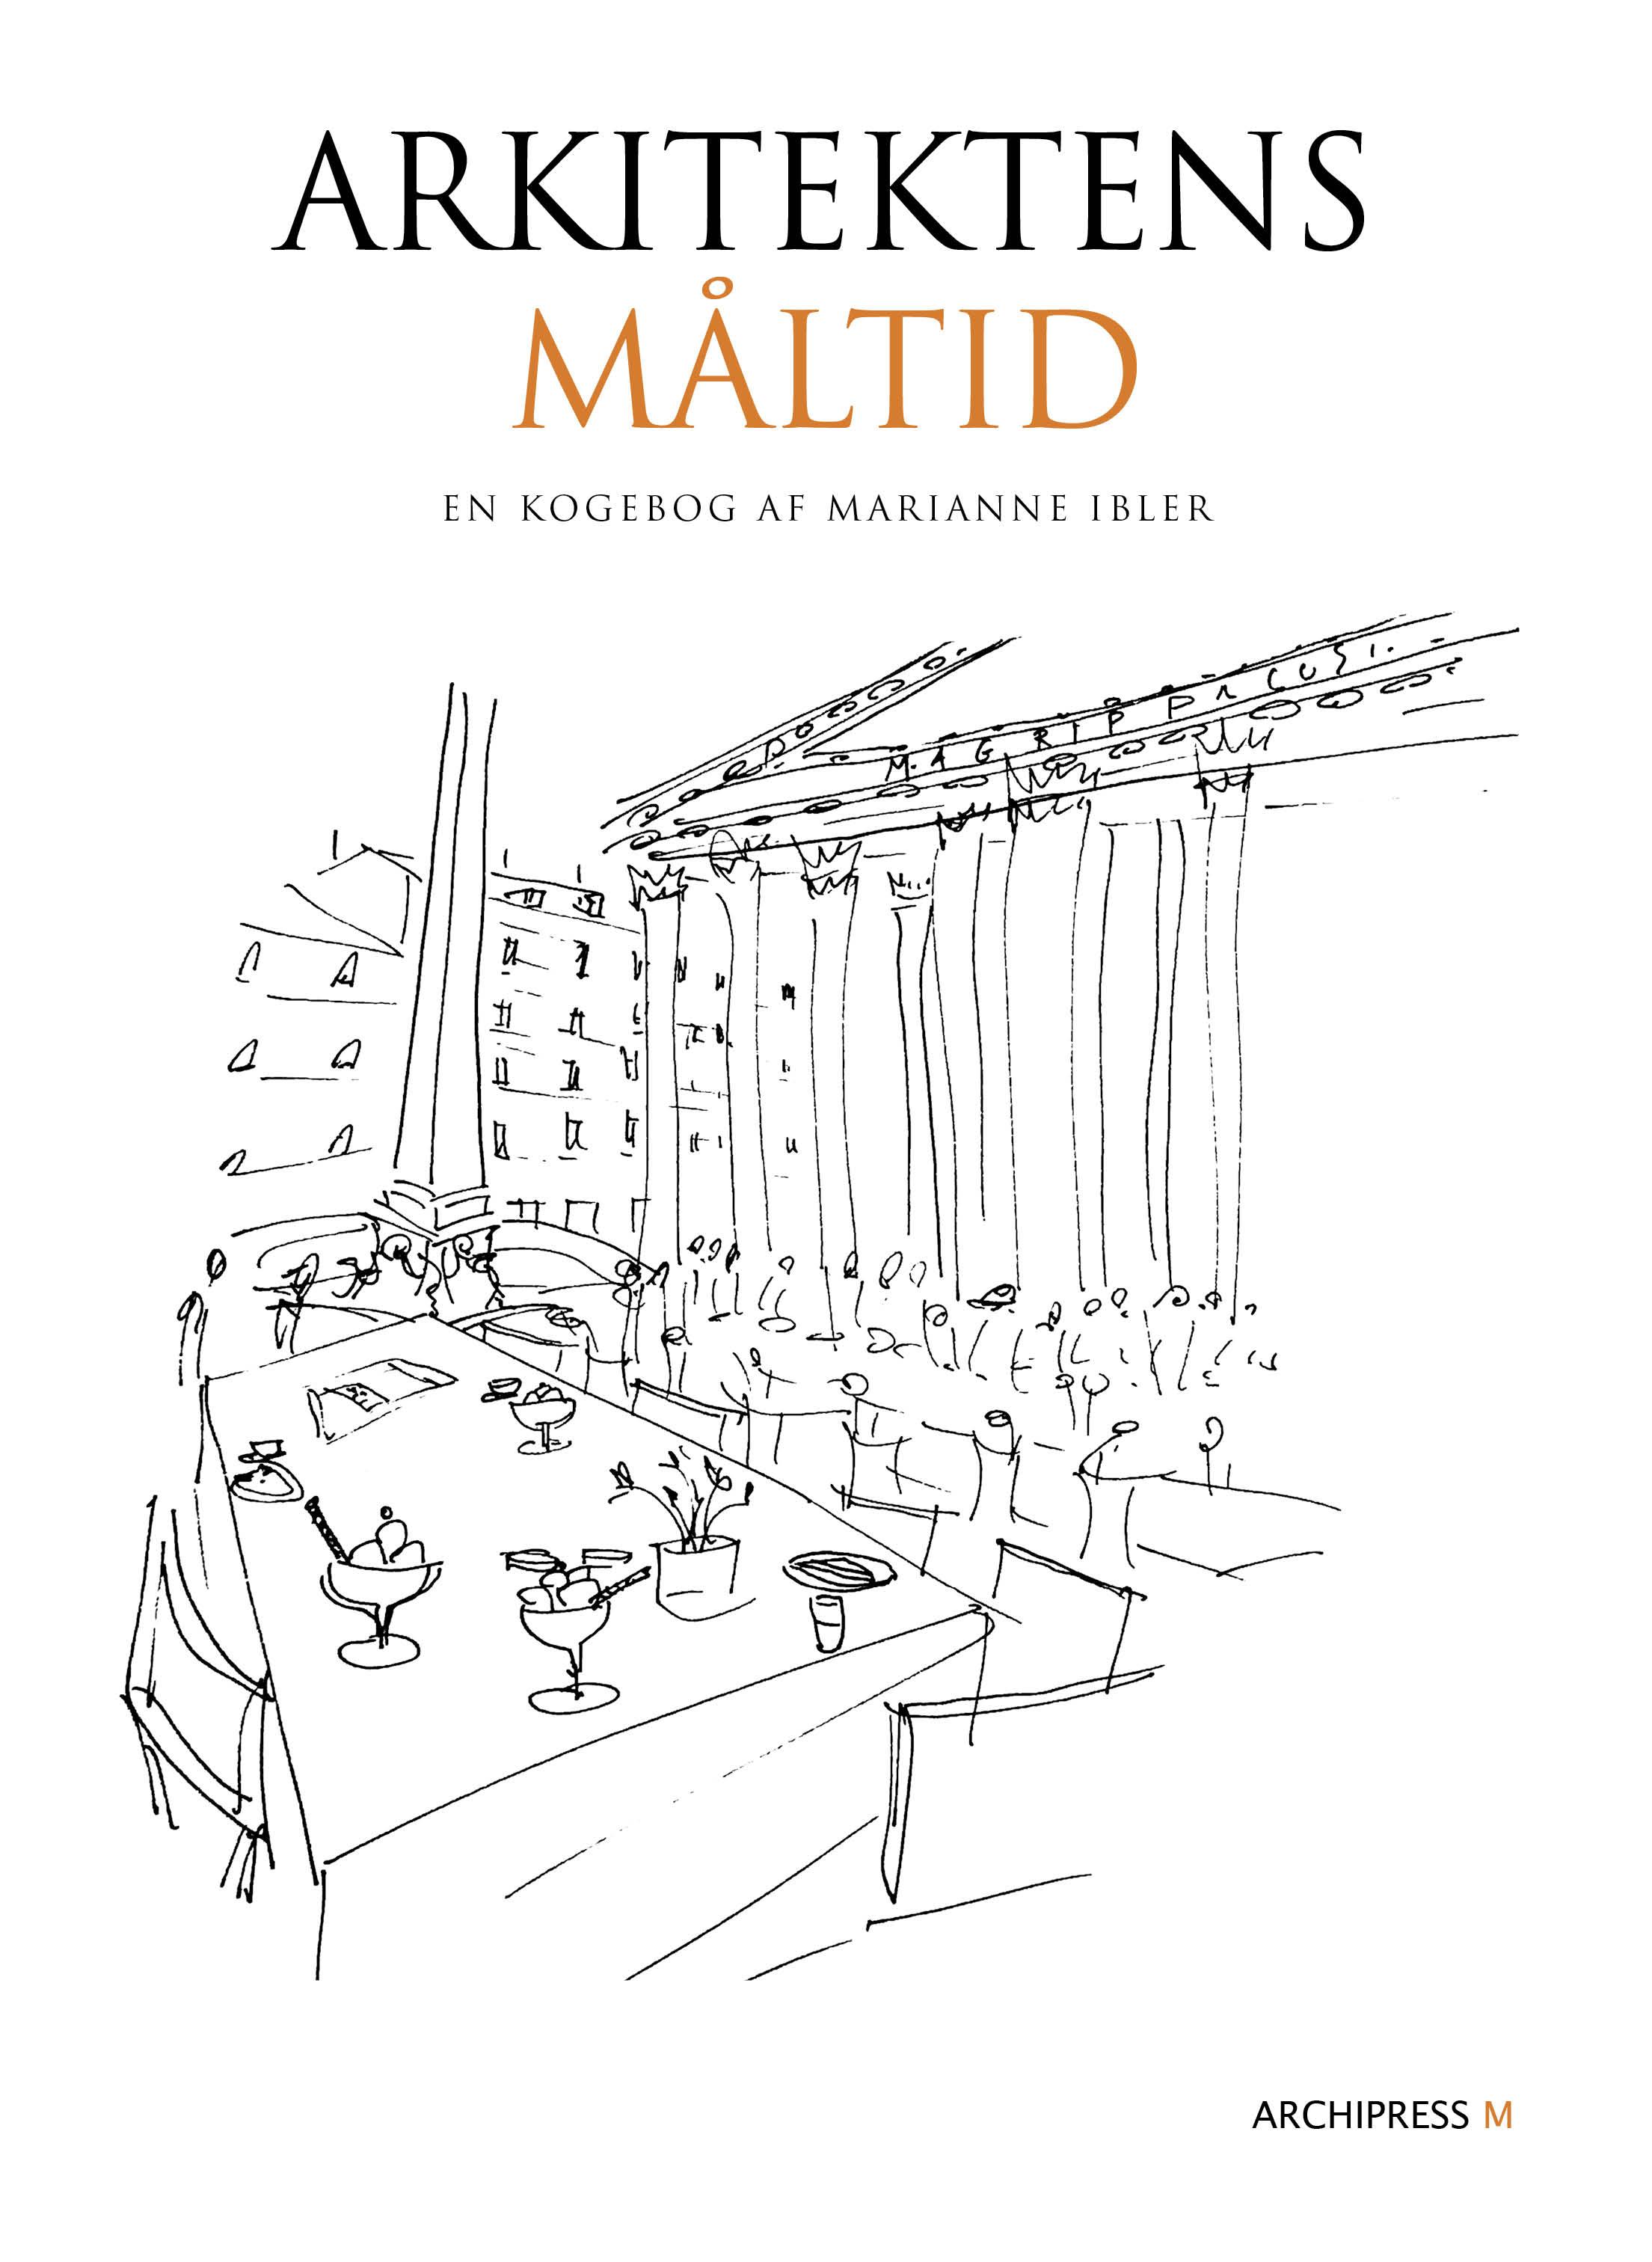 Arkitektens Måltid - Marianne Ibler - Bøger - Archipress M - 9788791872228 - November 22, 2018